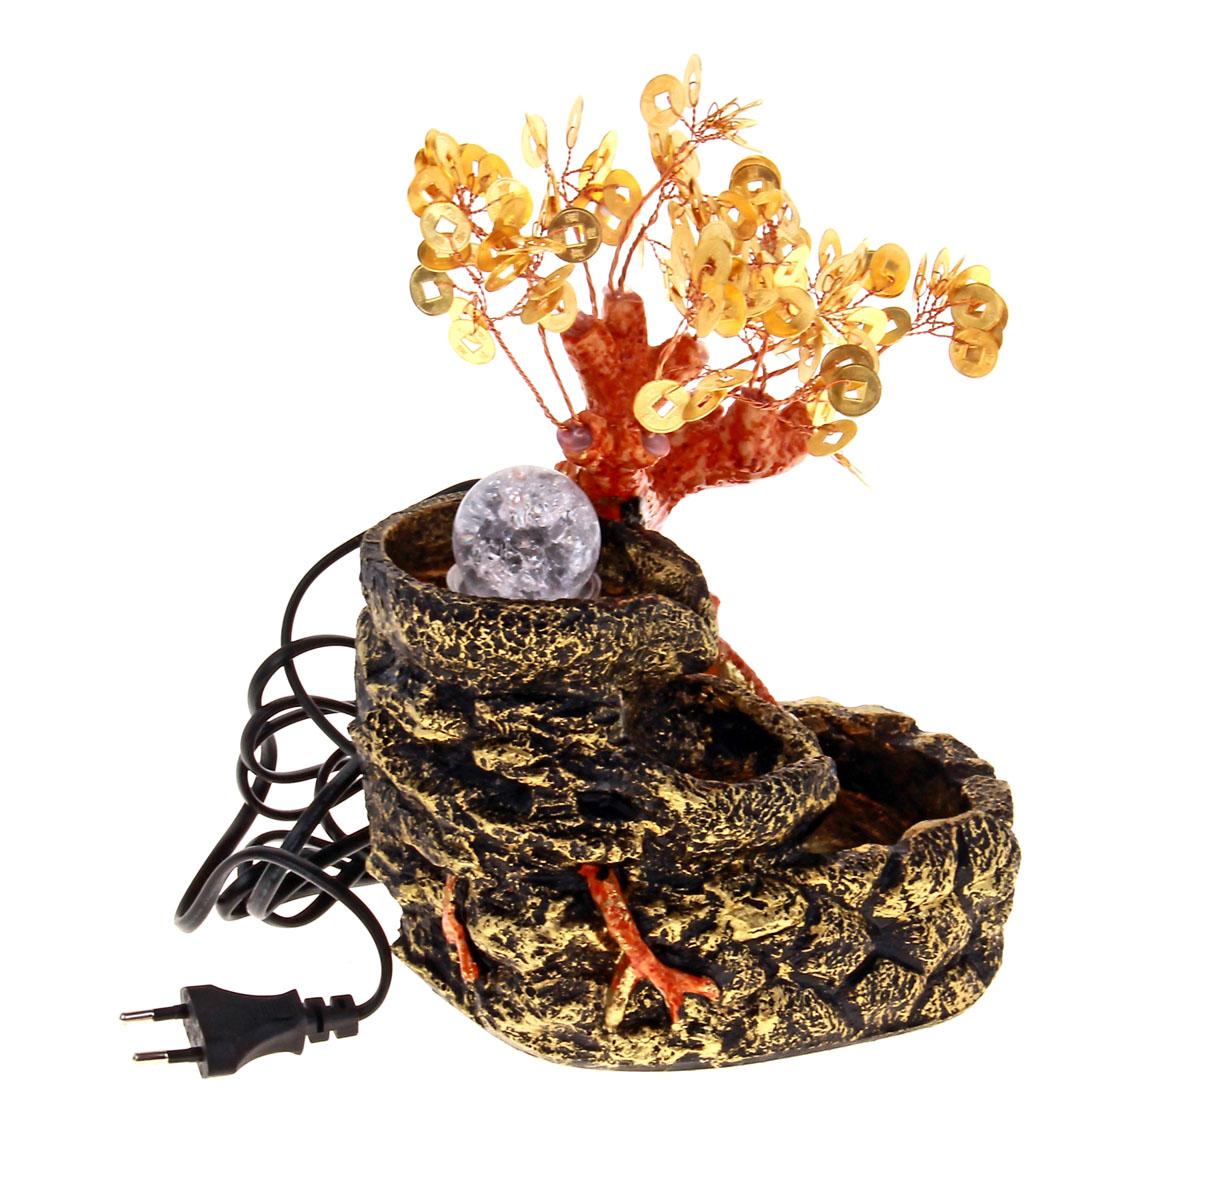 Фонтан Sima-land Монетное дерево140538Фонтан Sima-land Монетное дерево, изготовленный из полистоуна, украсит интерьер любого помещения. Изделие выполнено в виде источника рядом с деревом бонсай с листьями в виде монет. В центр источника помещается стеклянный шар, который подсвечивается светодиодами и левитирует над водой при включении фонтана. По древнекитайскому учению Фен-Шуй фонтаны являются символами жизненной энергии, изобилия. В комнате их нужно размещать в зоне карьеры и удачи. Тогда фонтаны привлекут в ваш дом богатство, материальный достаток. Даже если вы не являетесь поклонником Фен-Шуй, фонтаны наполнят помещение тихим, мелодичным журчанием воды, что благотворно скажется на вашей нервной системе и позволит снять стресс.Каждому хозяину периодически приходит мысль обновить свою квартиру, сделать ремонт, перестановку или кардинально поменять внешний вид каждой комнаты. Фонтан - привлекательная деталь в обстановке, которая поможет воплотить вашу интерьерную идею, создать неповторимую атмосферу в вашем доме. Окружите себя приятными мелочами, пусть они радуют взгляд и дарят гармонию. Фонтан работает от сети 220В.